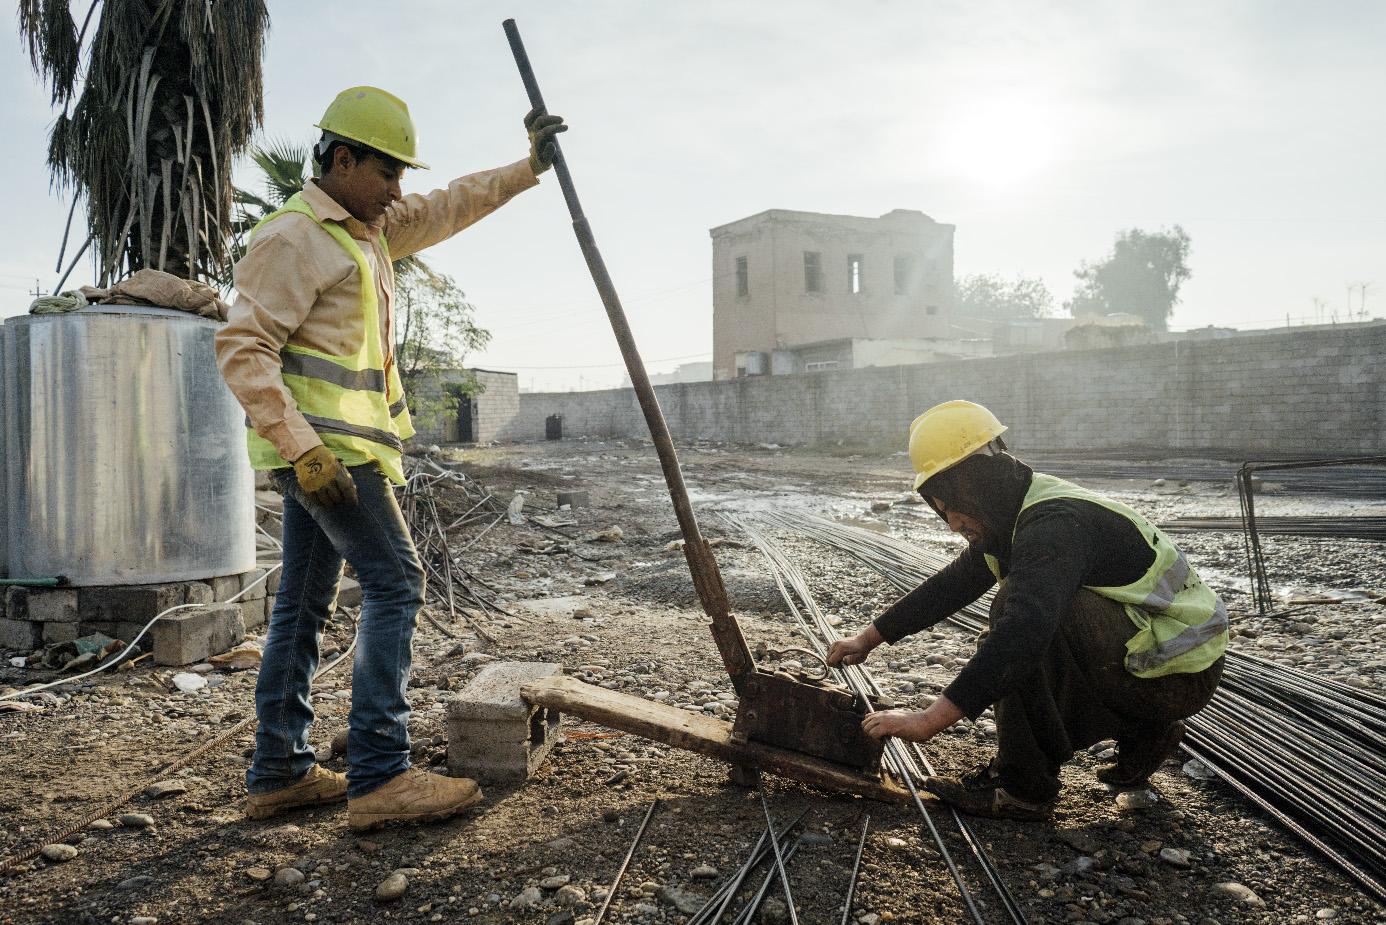 Im Nordirak werden der Wiederaufbau zerstörter Infrastruktur und das friedliche und inklusive Zusammenleben gefördert.